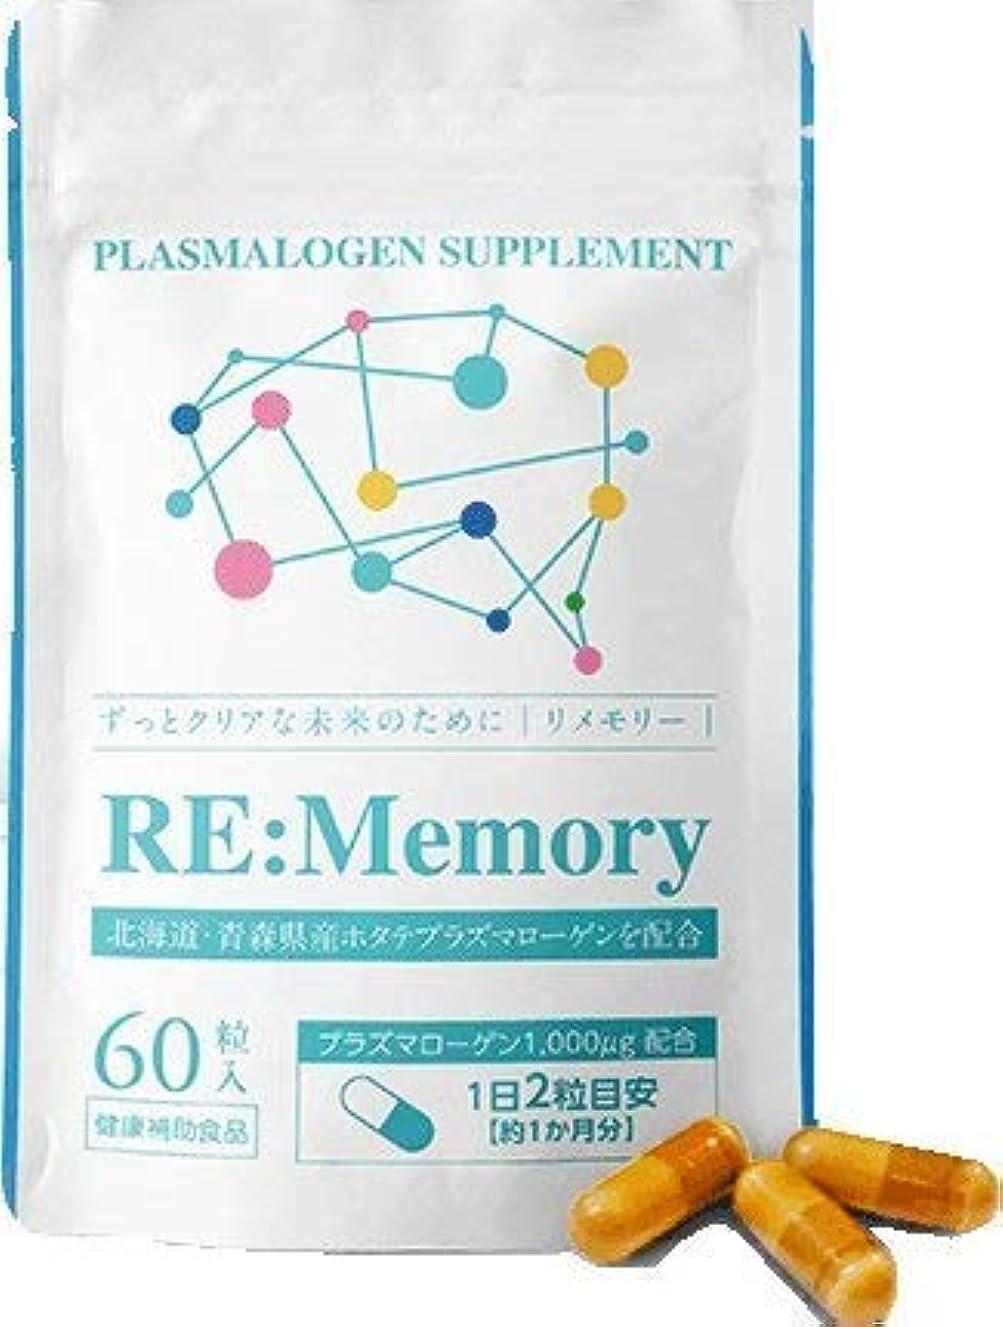 ハリケーン闇仕方リメモリー プラズマローゲン 自然良品 サプリ 国産ホタテ由来 DHA EPA フェルラ酸 60粒 30日分